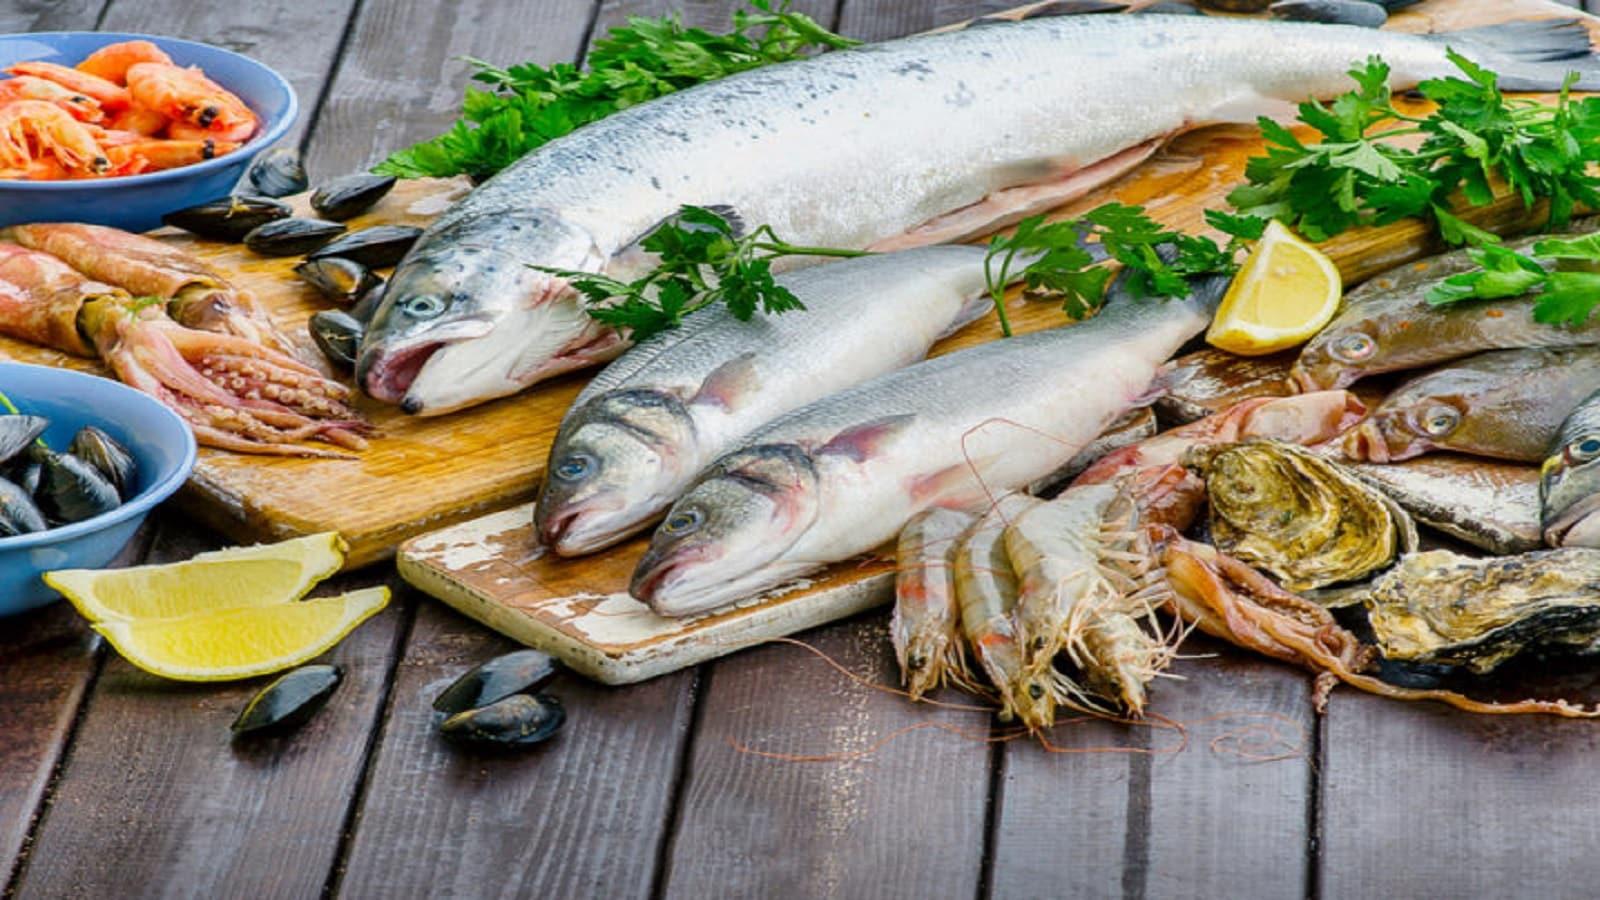 মাছ- মাছ প্রোটিন সমৃদ্ধ এবং এতে সম্পৃক্ত ফ্যাটও কম পরিমাণে থাকে। প্রোটিন সমৃদ্ধ হওয়ায় মাছ উচ্চতা বৃদ্ধিতেও সহায়ক।